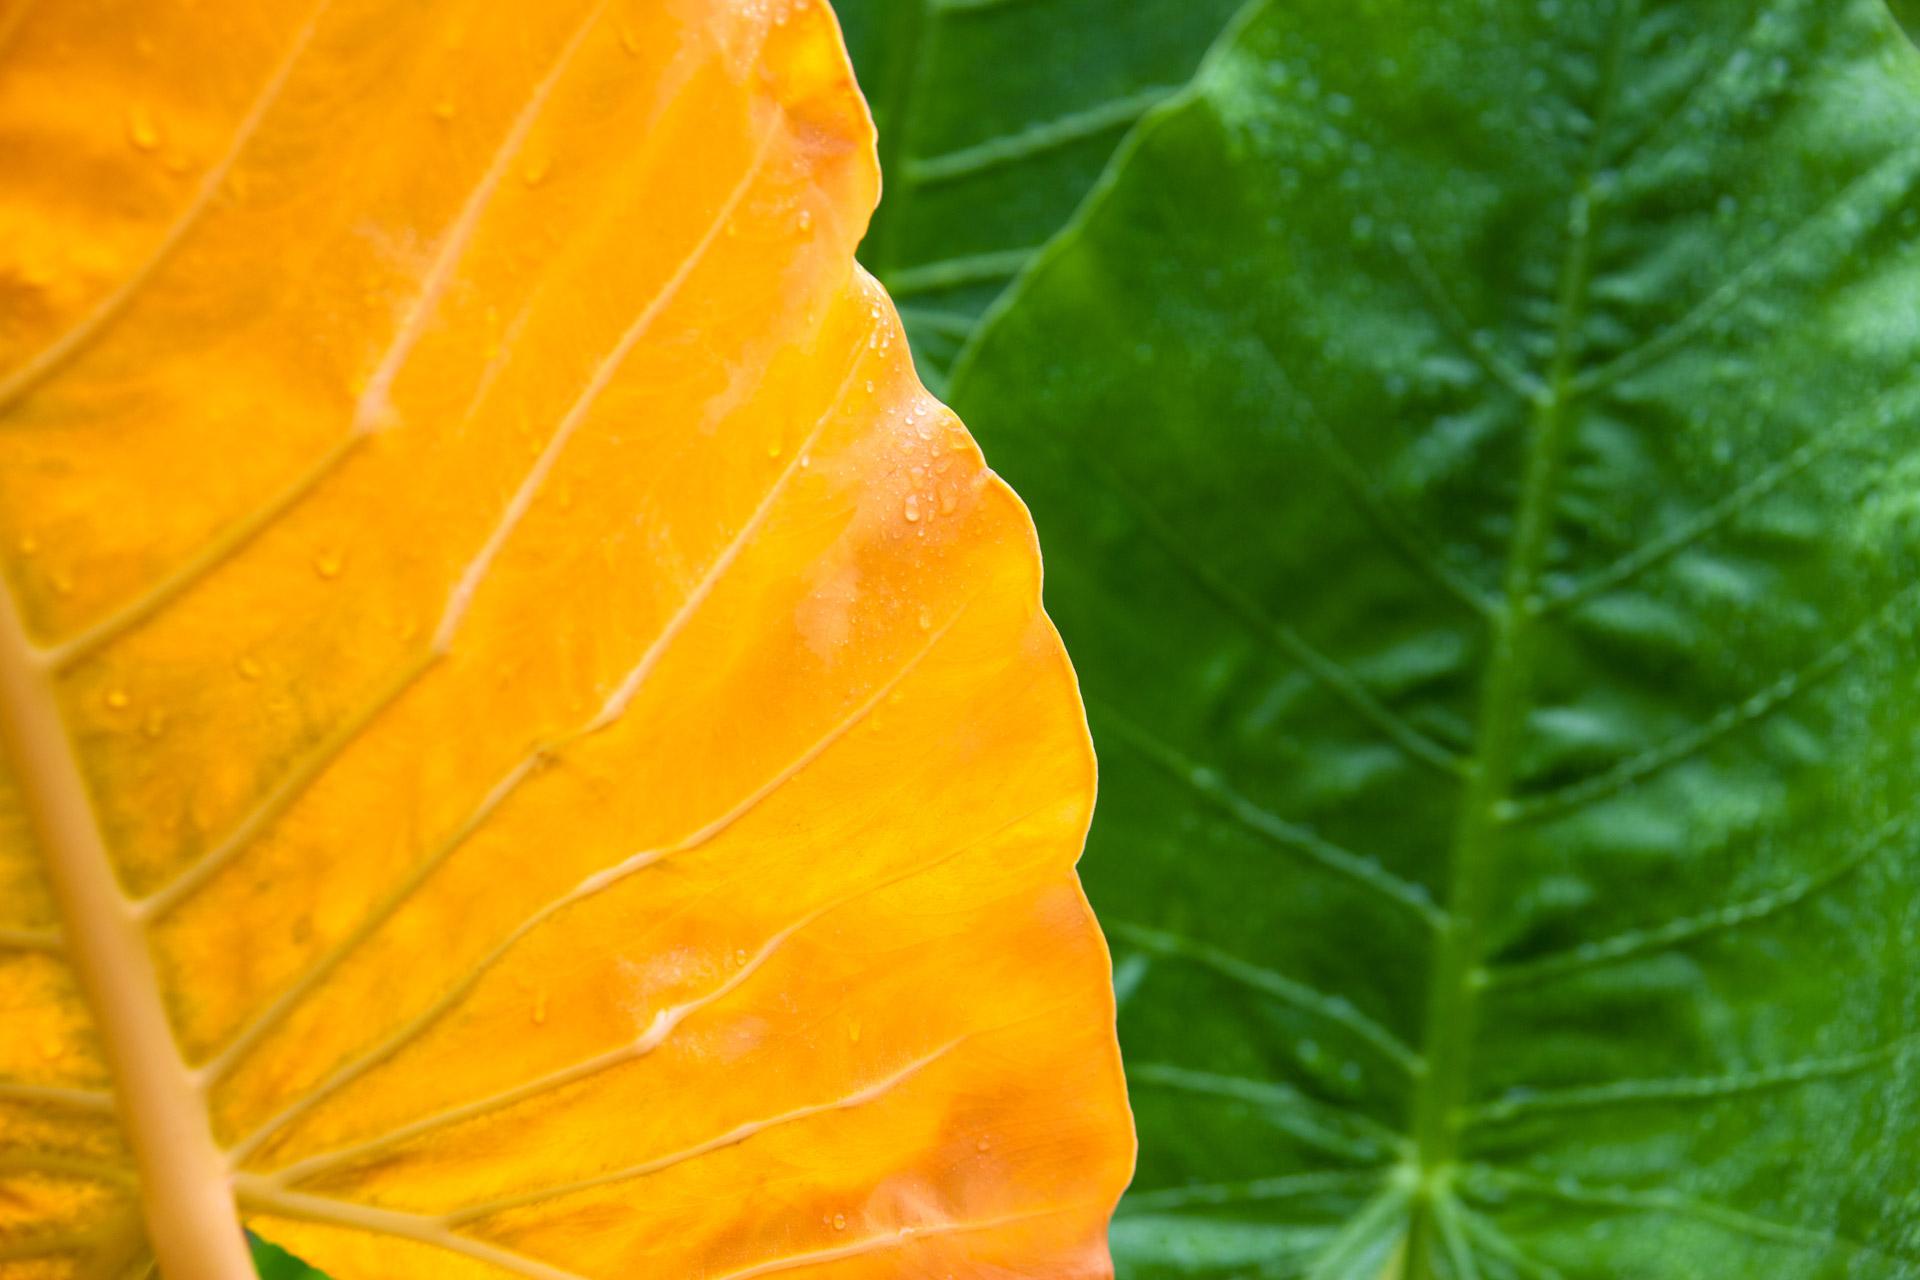 Perché le foglie della mia pianta diventano gialle